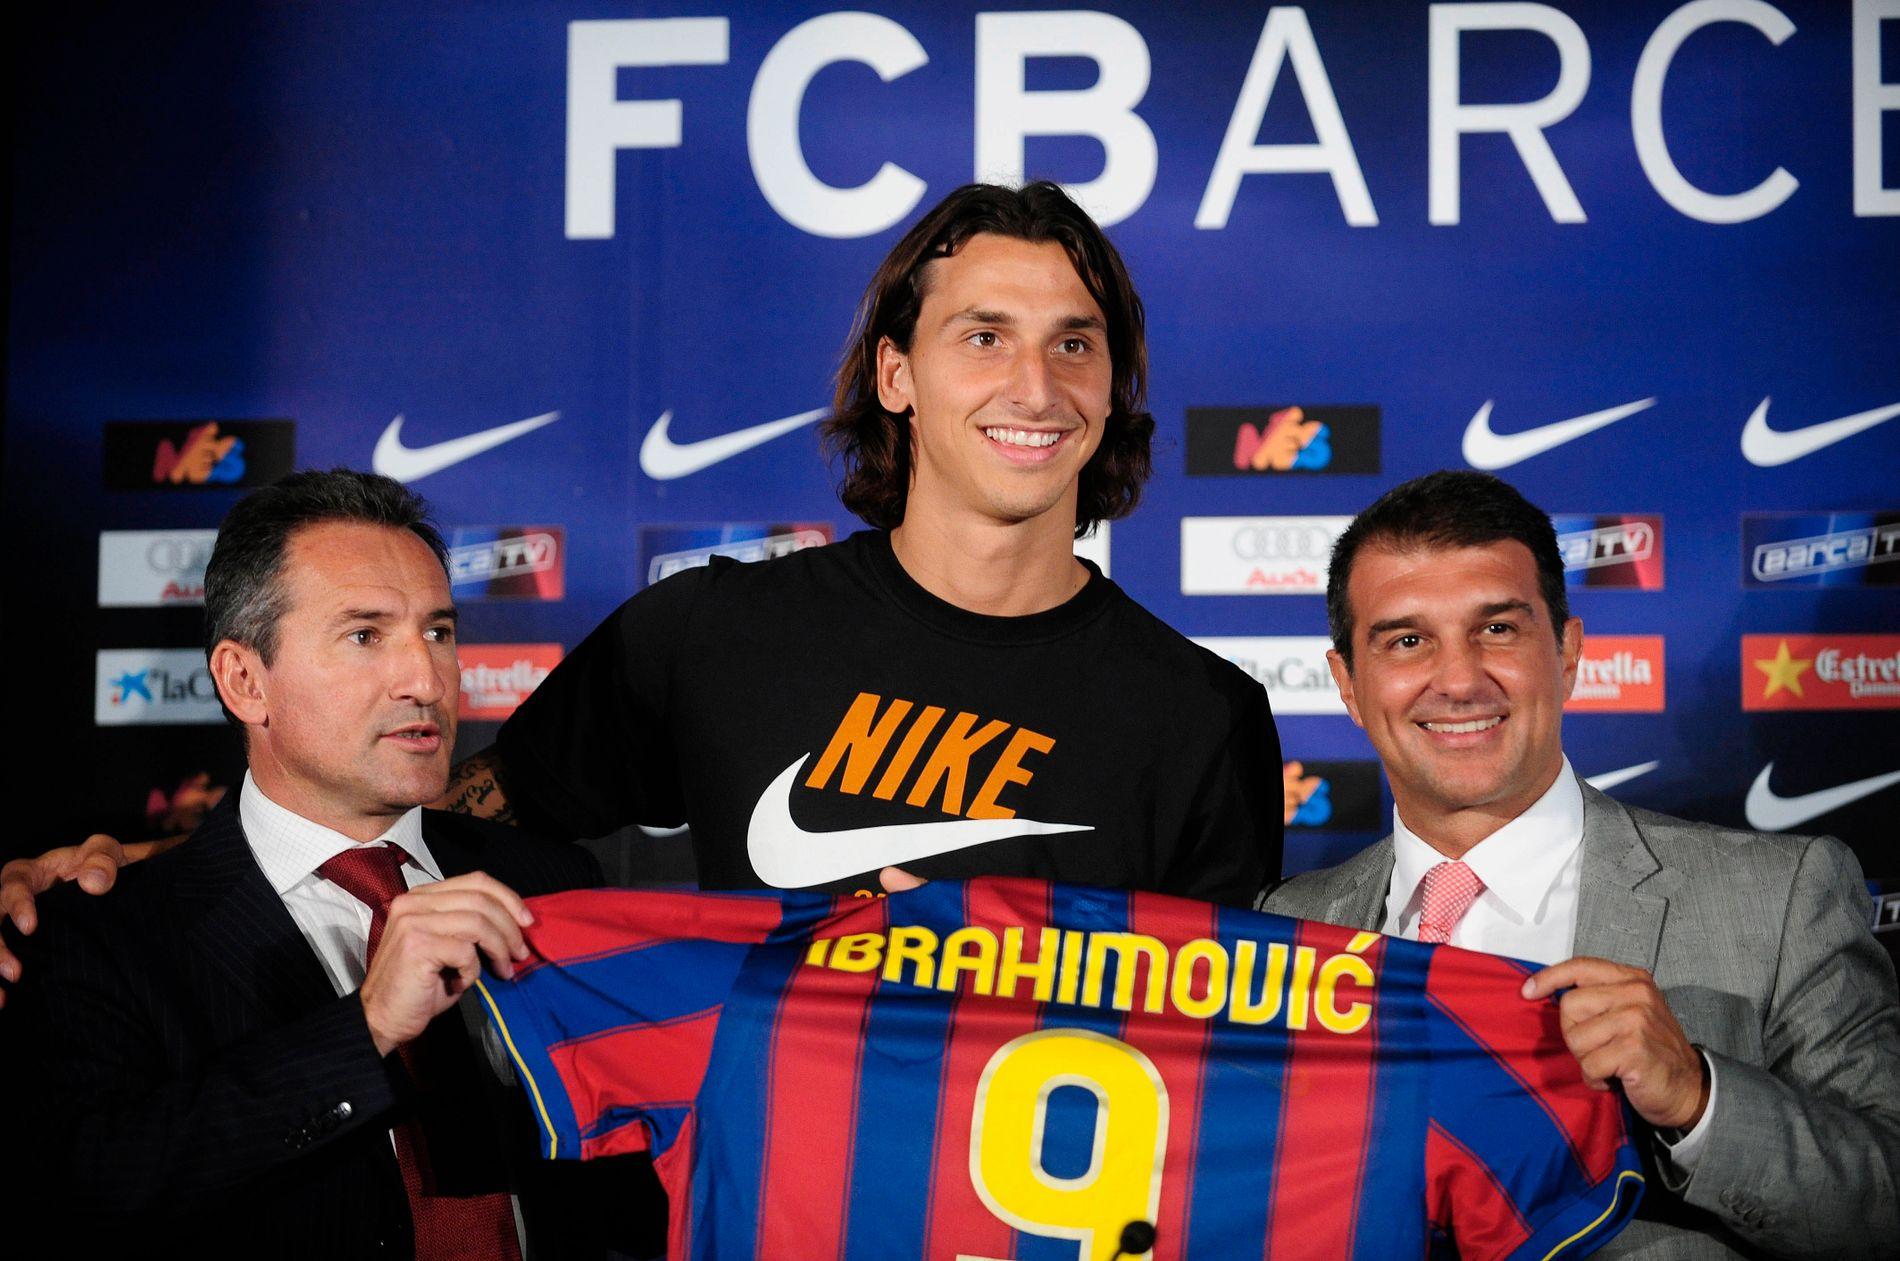 Txiki Begiristain (til venstre) og klubbpresident Joan Laporta presenterte Zlatan Ibrahimovic som Barcelona-spiller i 2009. Han slo aldri skikkelig til og forlot klubben ett år senere.